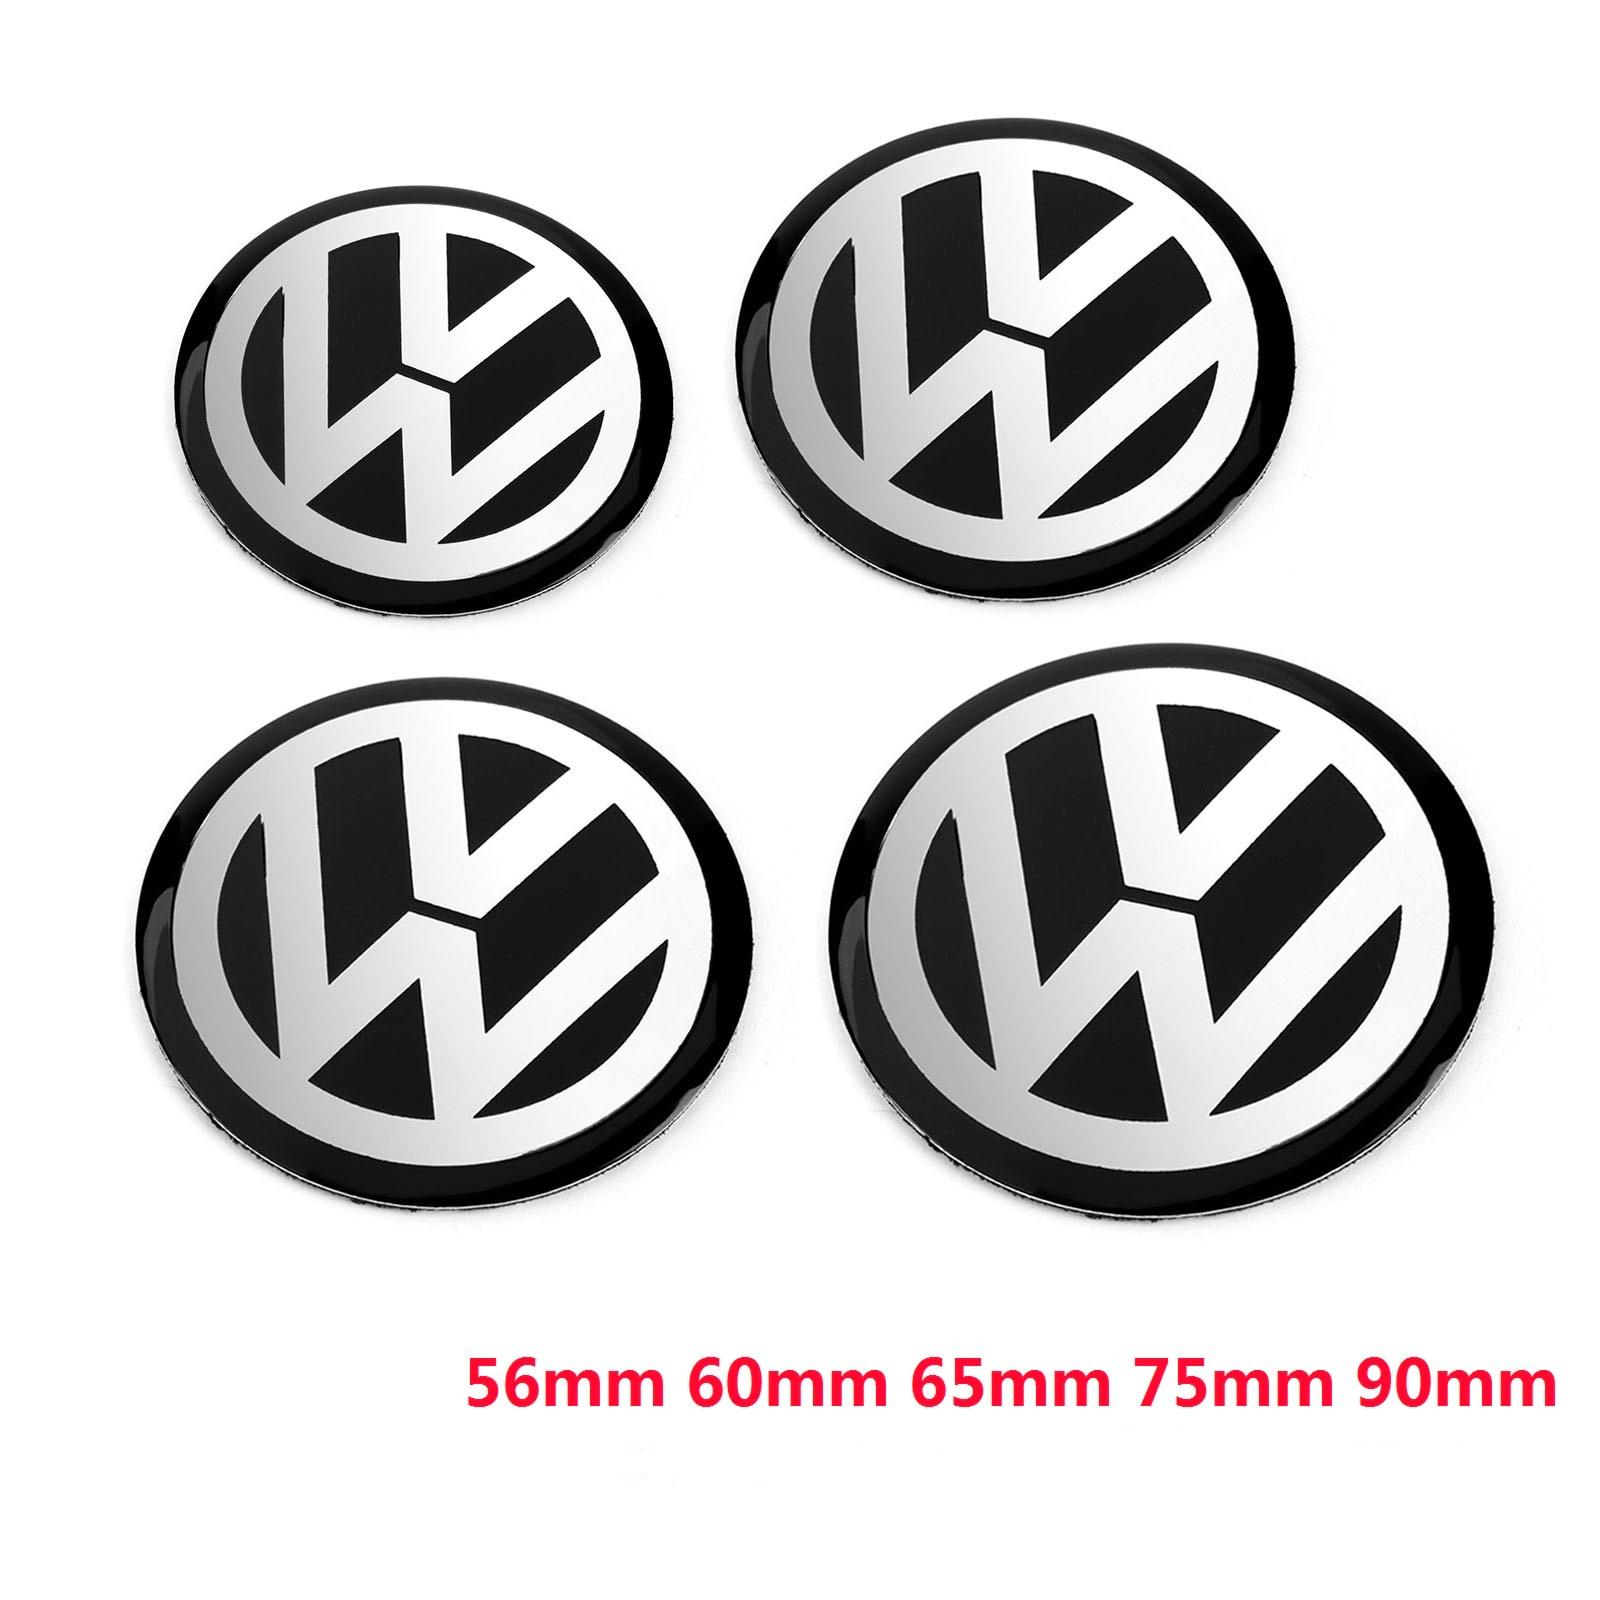 4 шт. 56 мм 60 мм 65 мм 75 мм 90 мм черная Центральная втулка колеса автомобиля Кепка бейдж логотип эмблема наклейка на колесо наклейка Стайлинг для VW|Наклейки на автомобиль|   | АлиЭкспресс